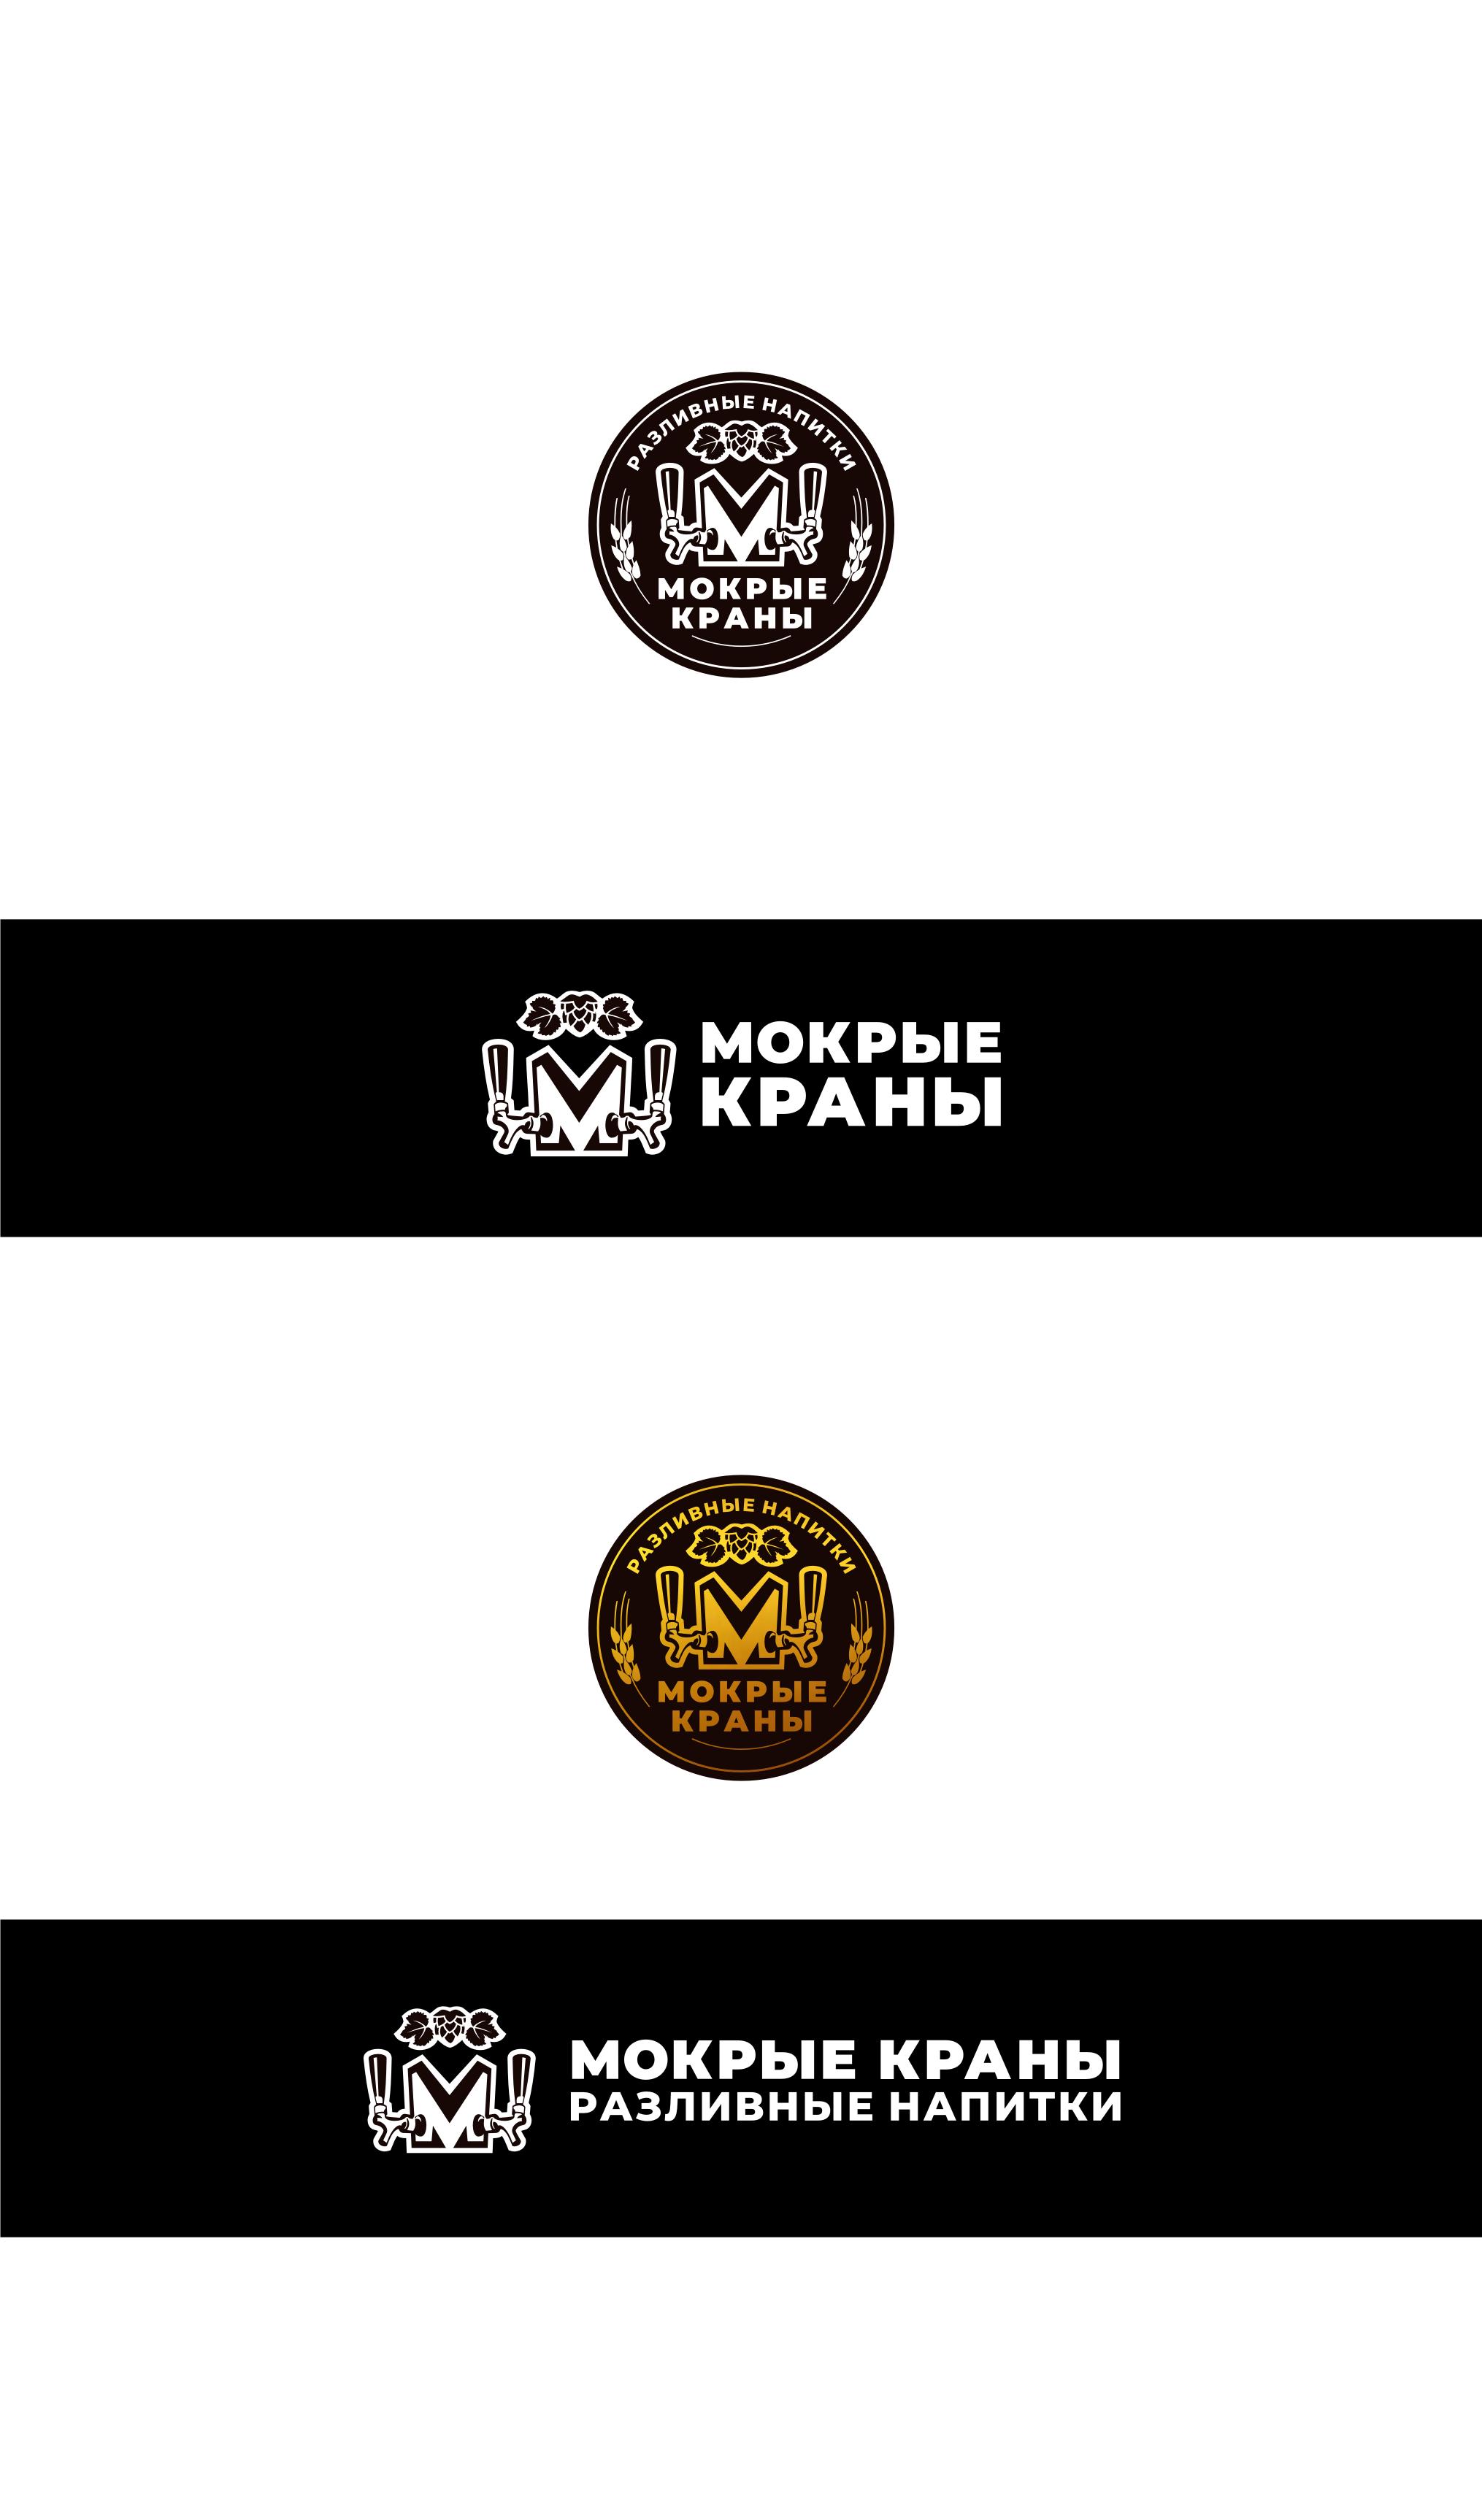 Вывеска/логотип для пивного магазина фото f_52860200c61718a6.png